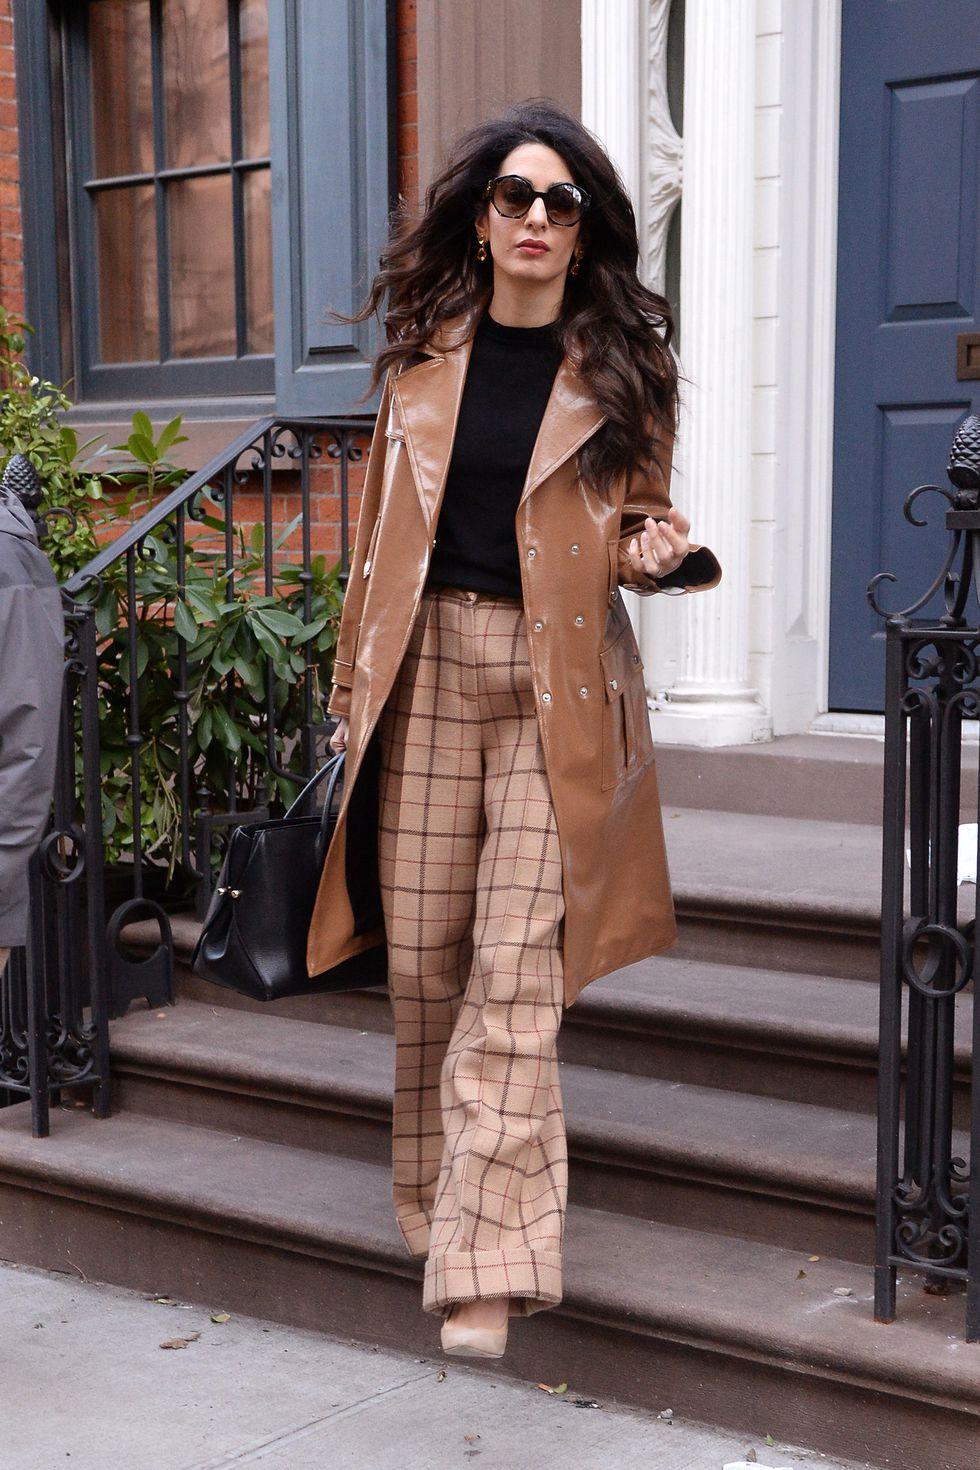 Copia los mejores estilismos de Amal Clooney - pantalon cuadros